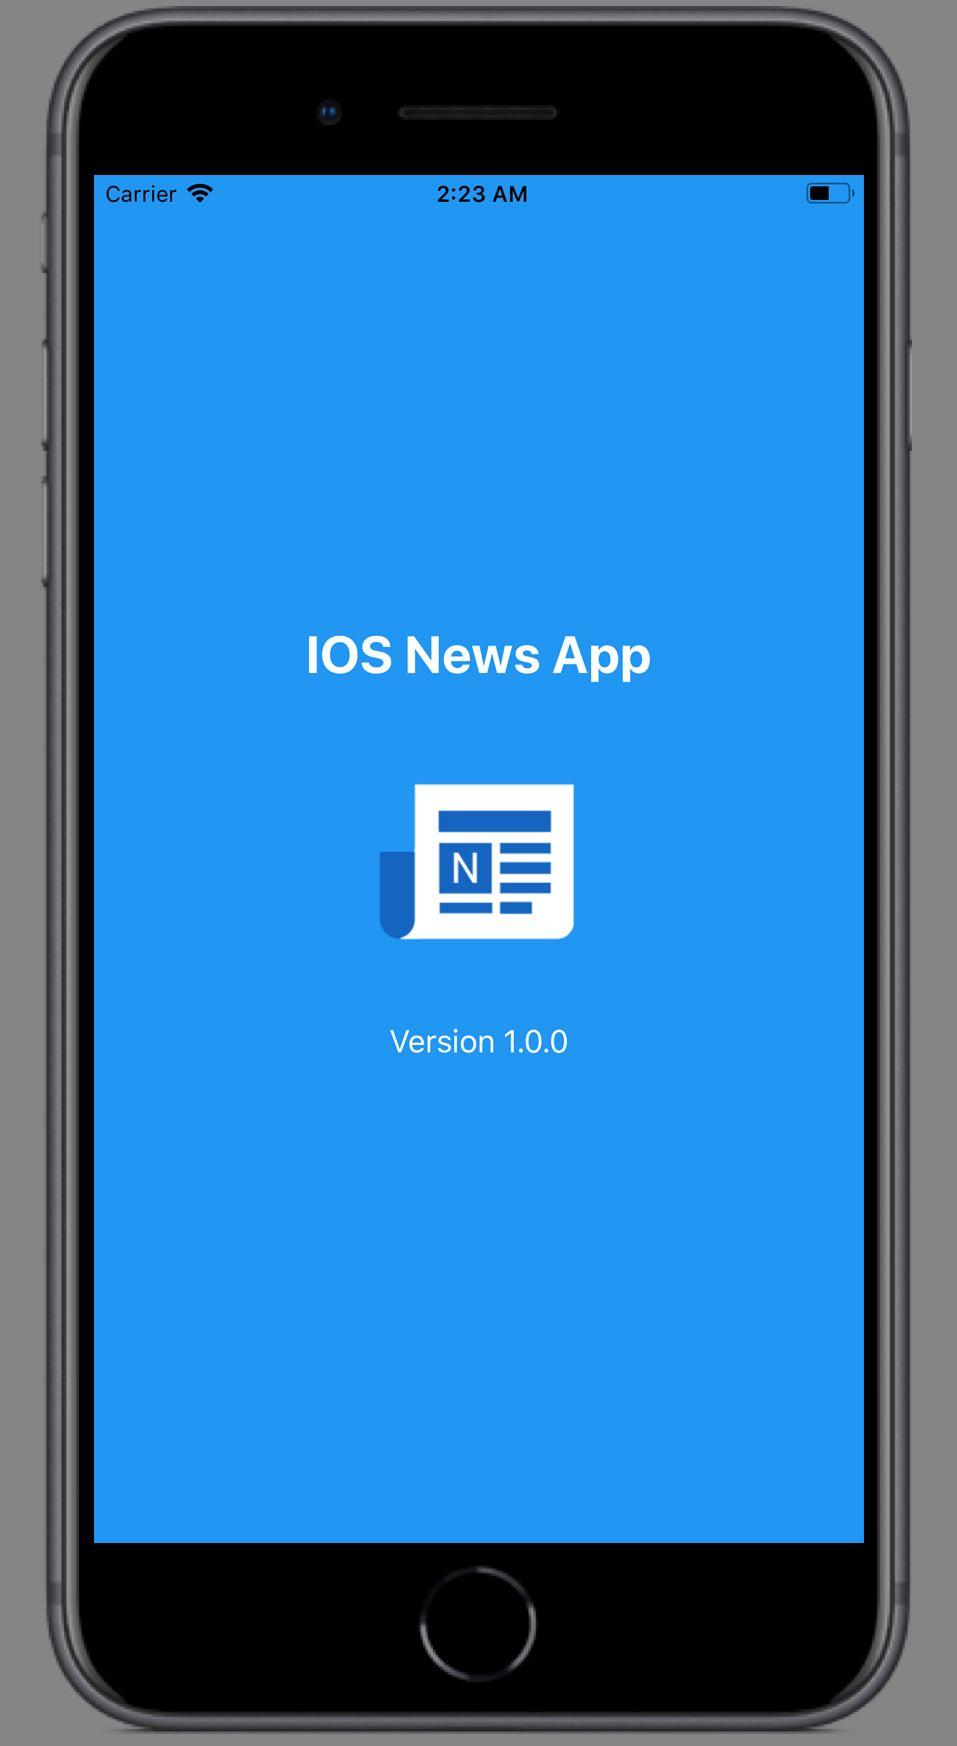 IOS News App